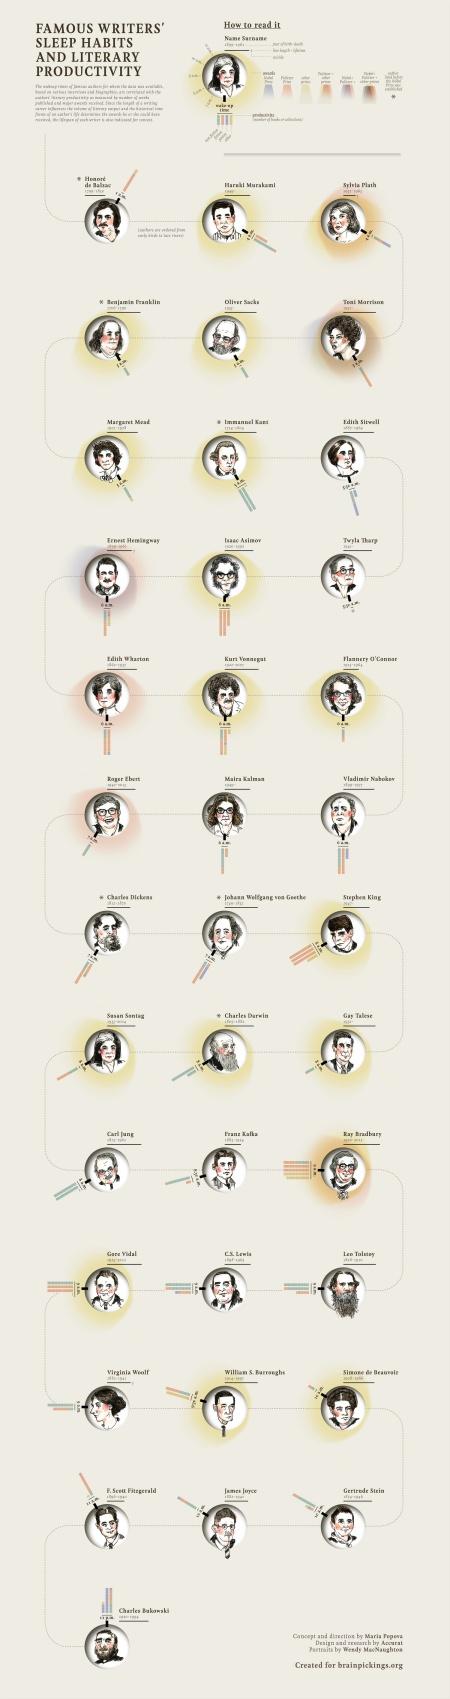 Az írók alvási szokásait mutató ábra (Maria Popova, 2014. január 22.)